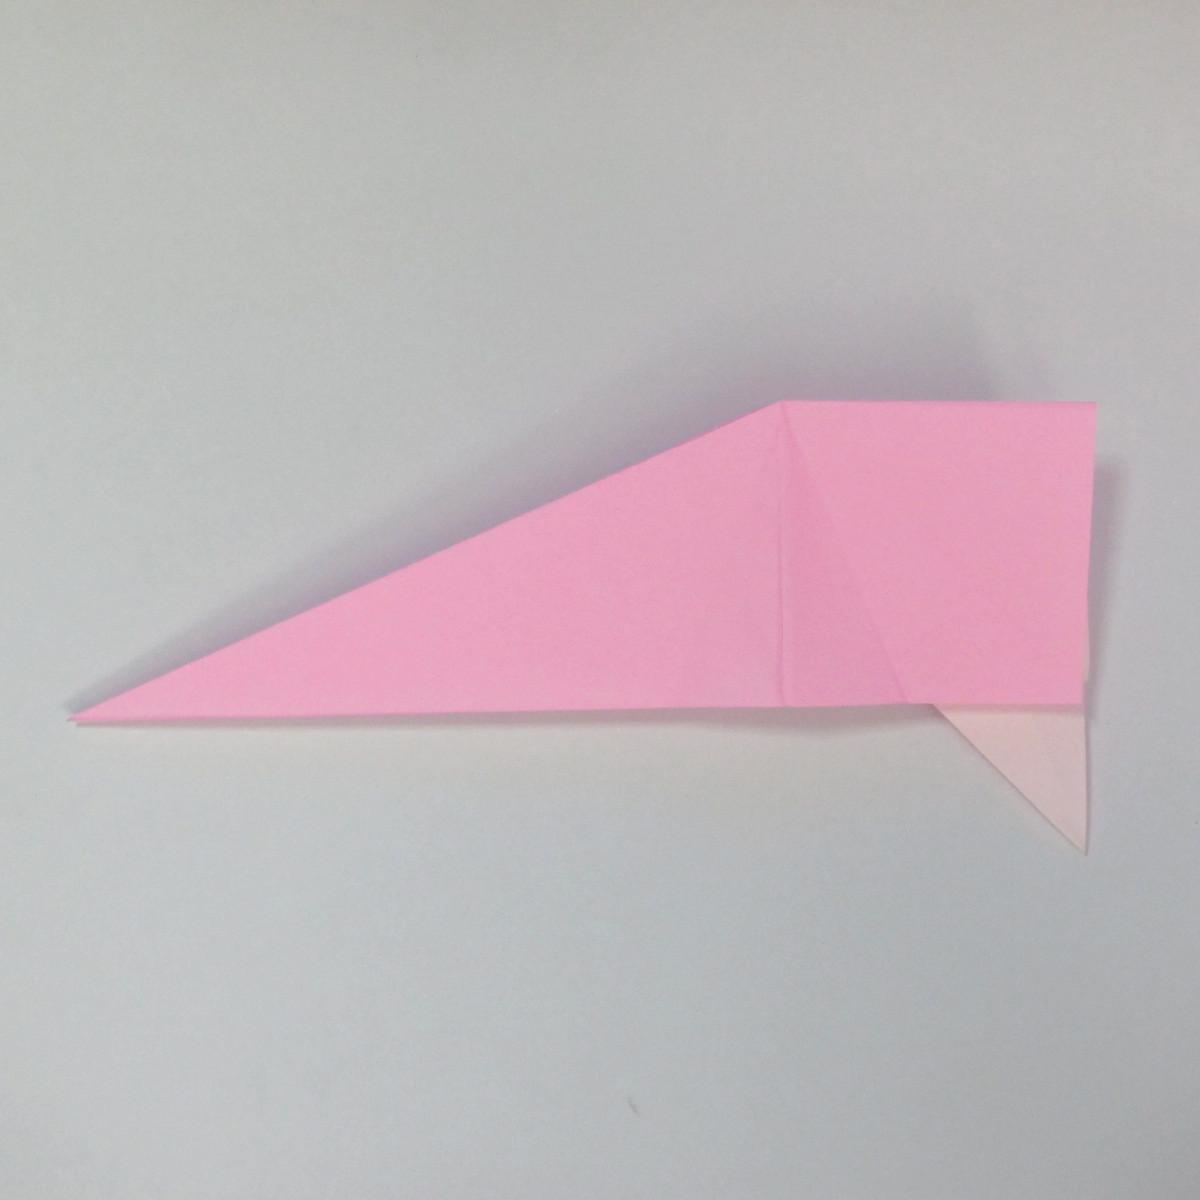 สอนการพับกระดาษเป็นลูกสุนัขชเนาเซอร์ (Origami Schnauzer Puppy) 039